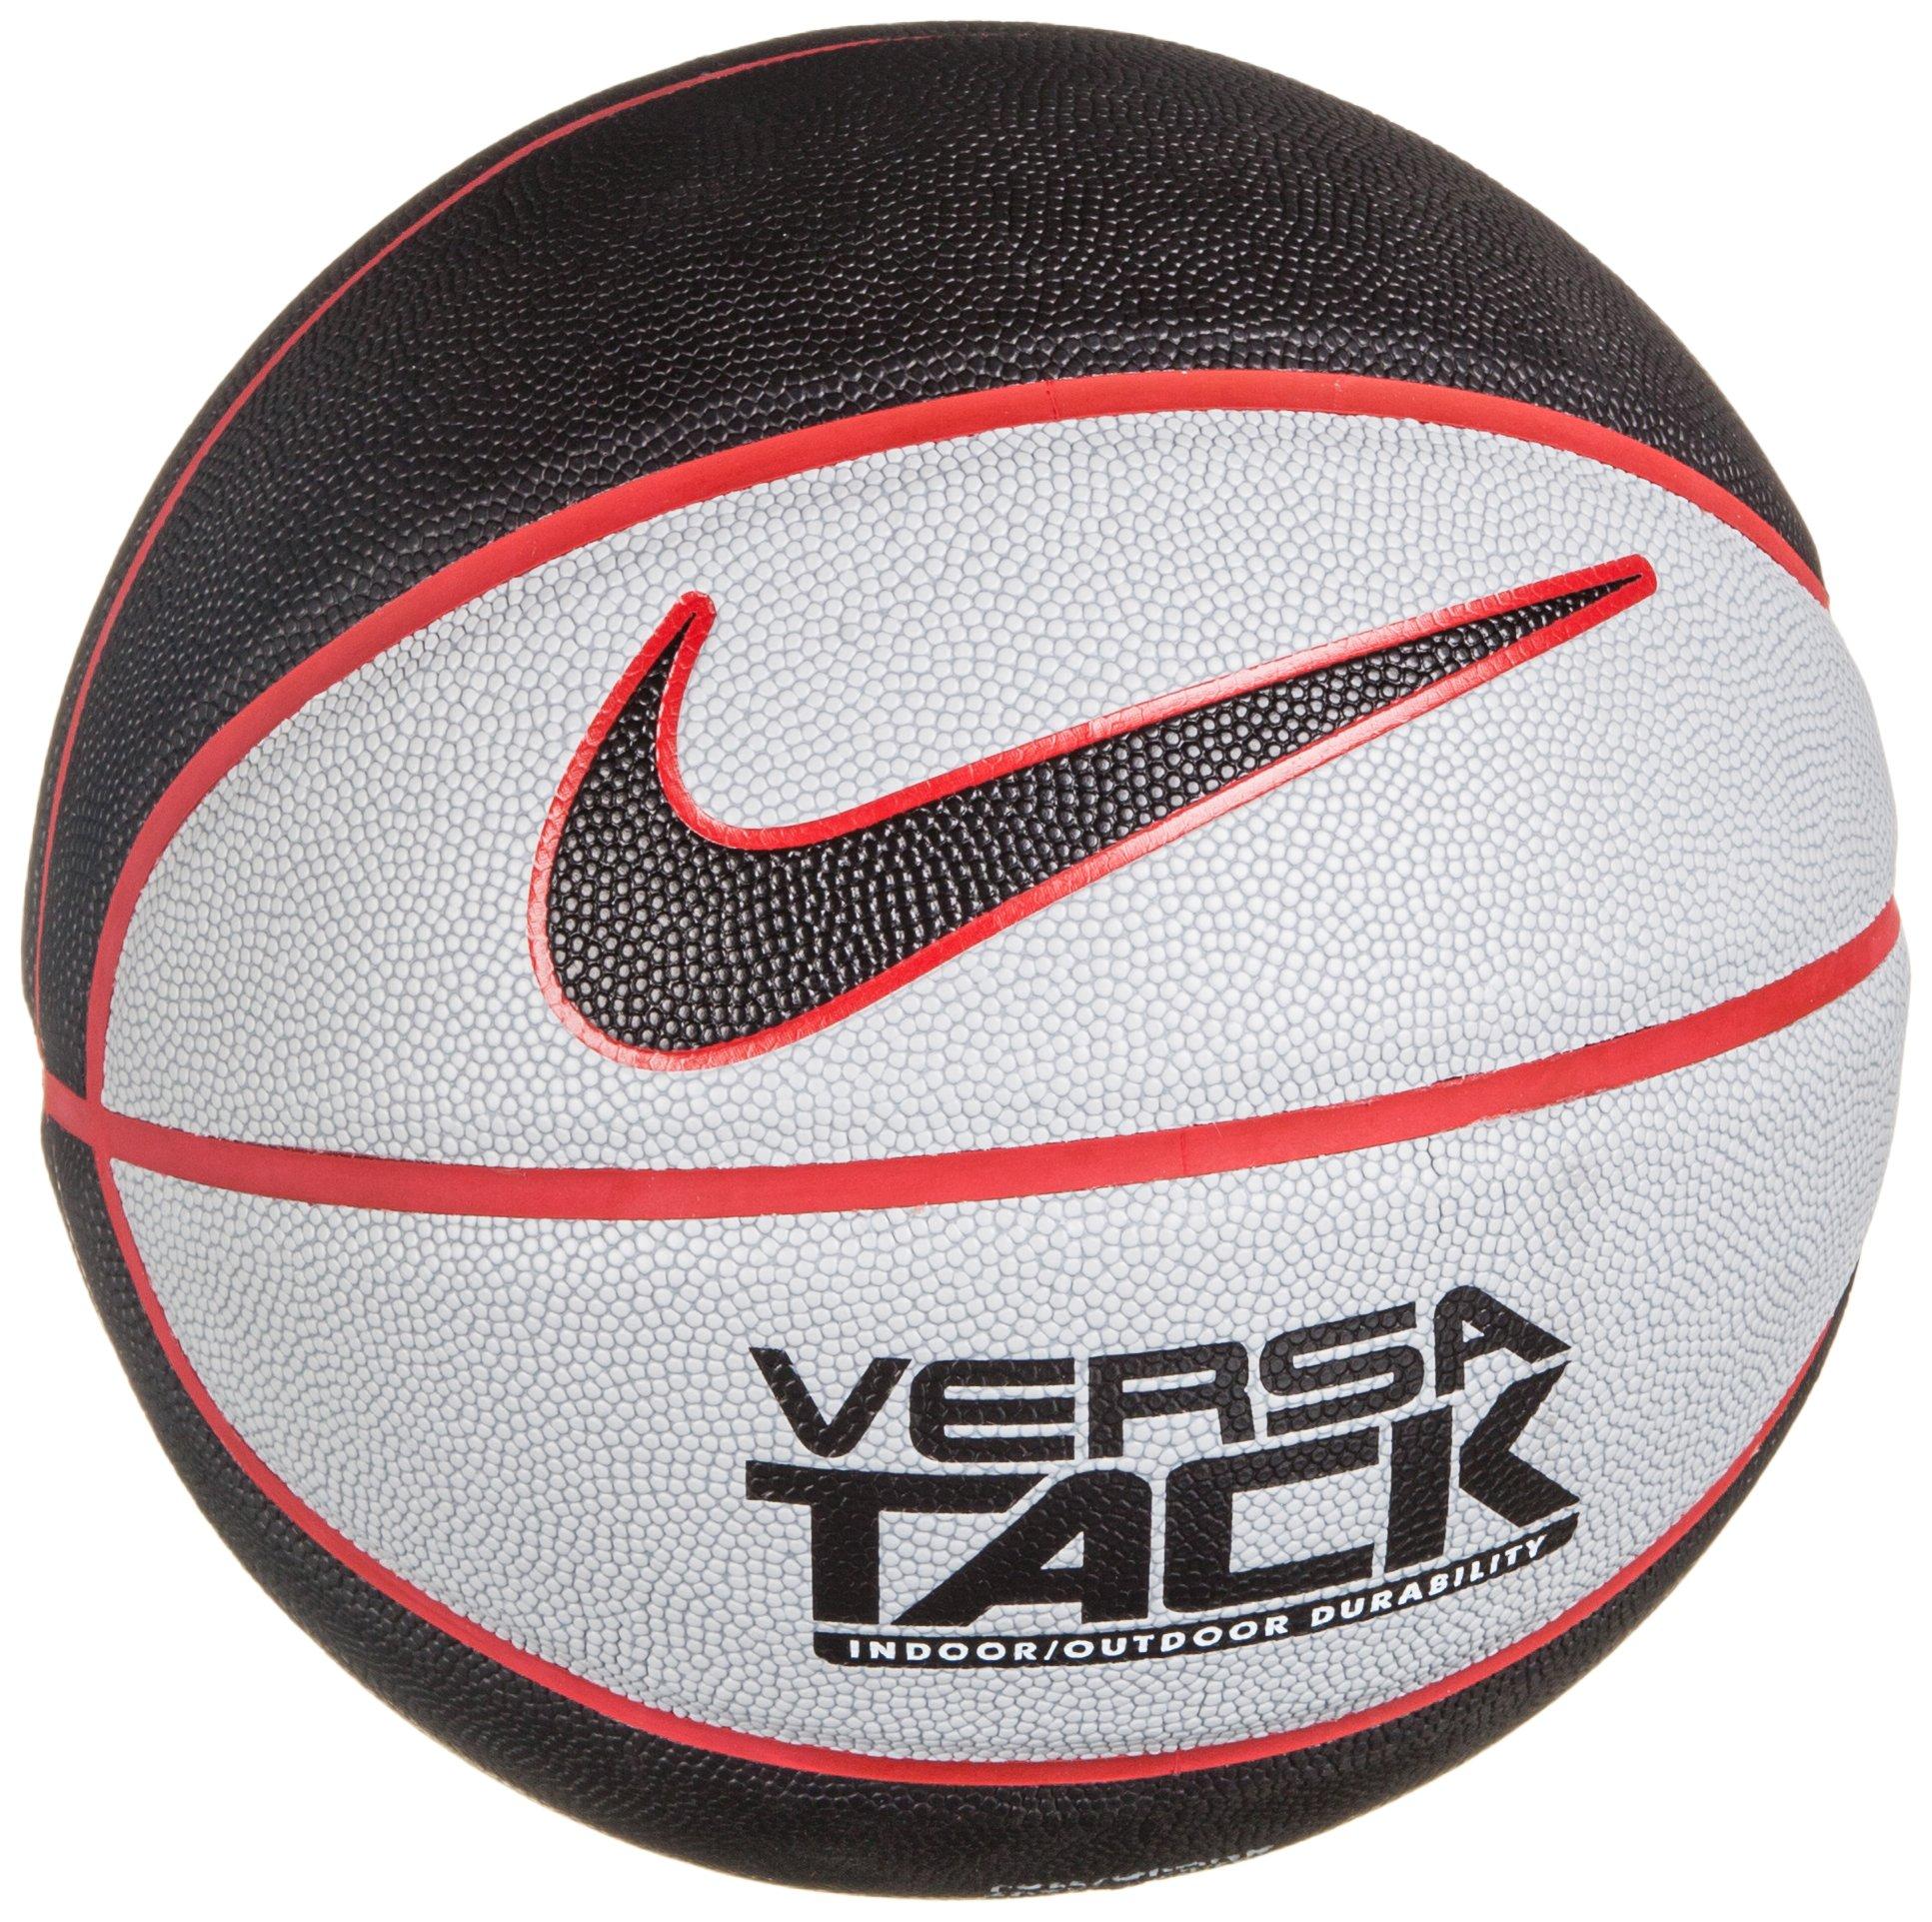 Nike Versa Tack – Balón de baloncesto, color negro/tamaño mediano ...